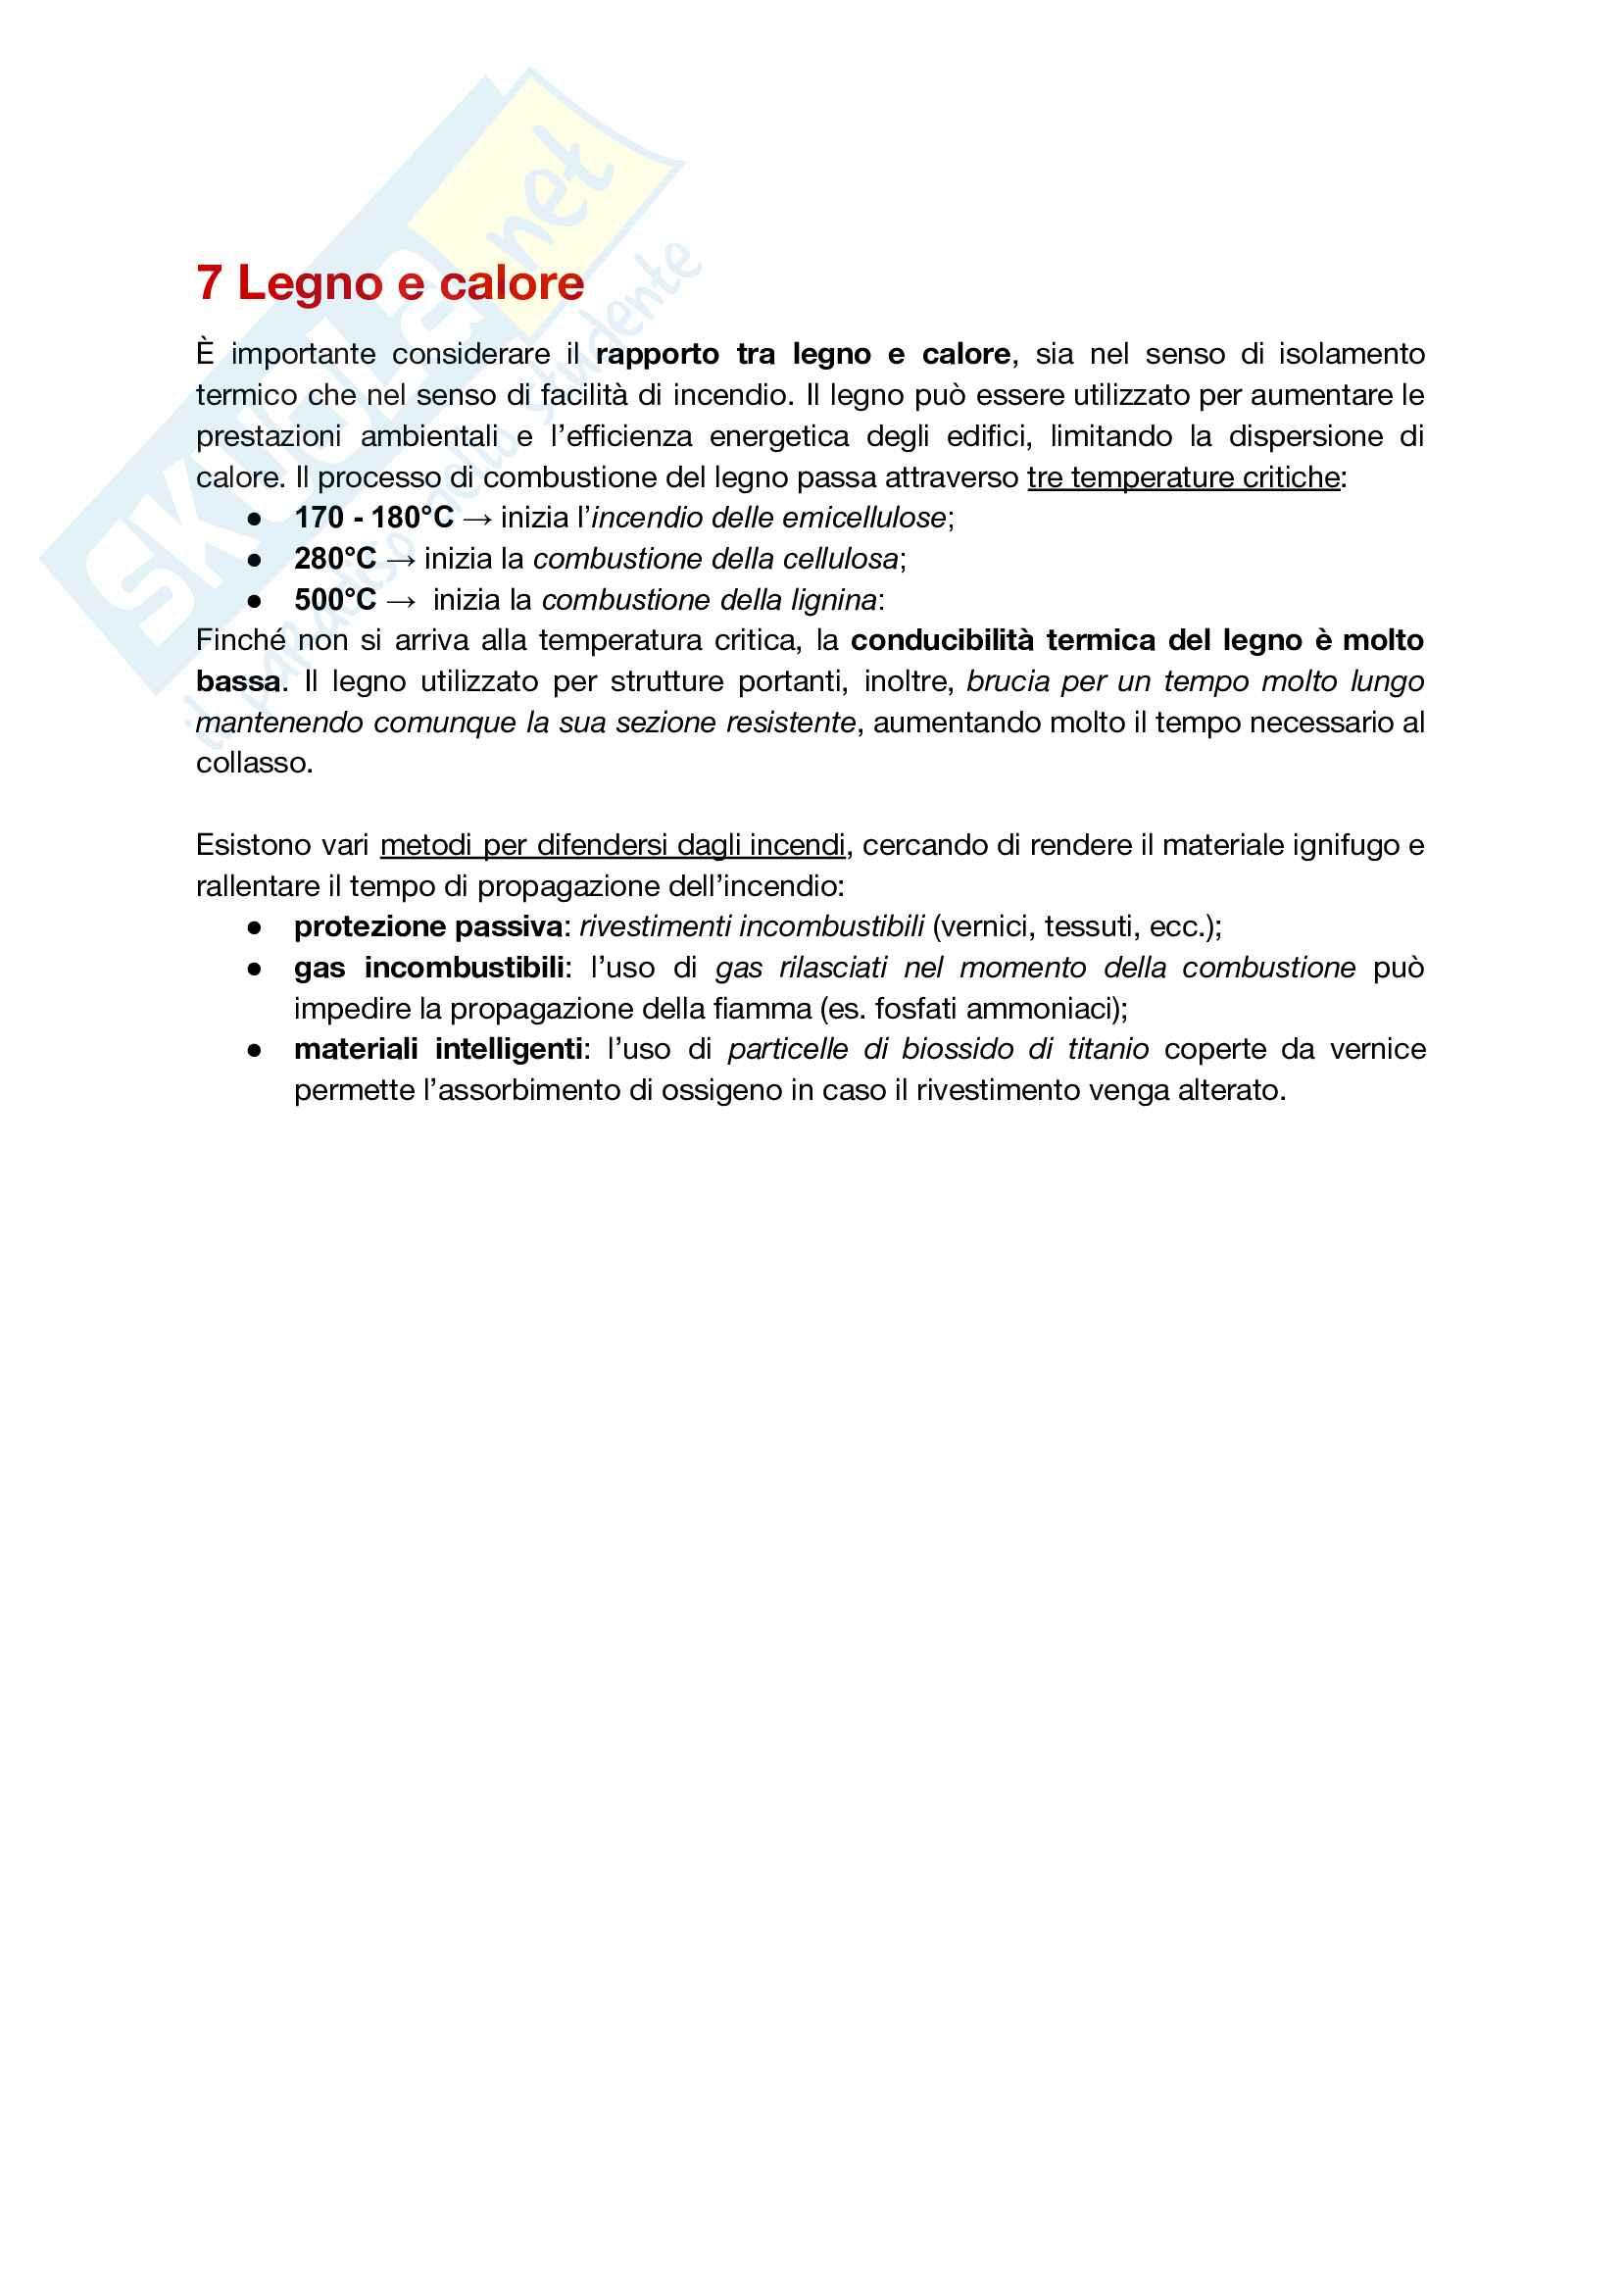 Riassunto esame Tecnologia del Legno, prof. Marco Fioravanti, basato su appunti presi a lezione e dispense del professore Pag. 21